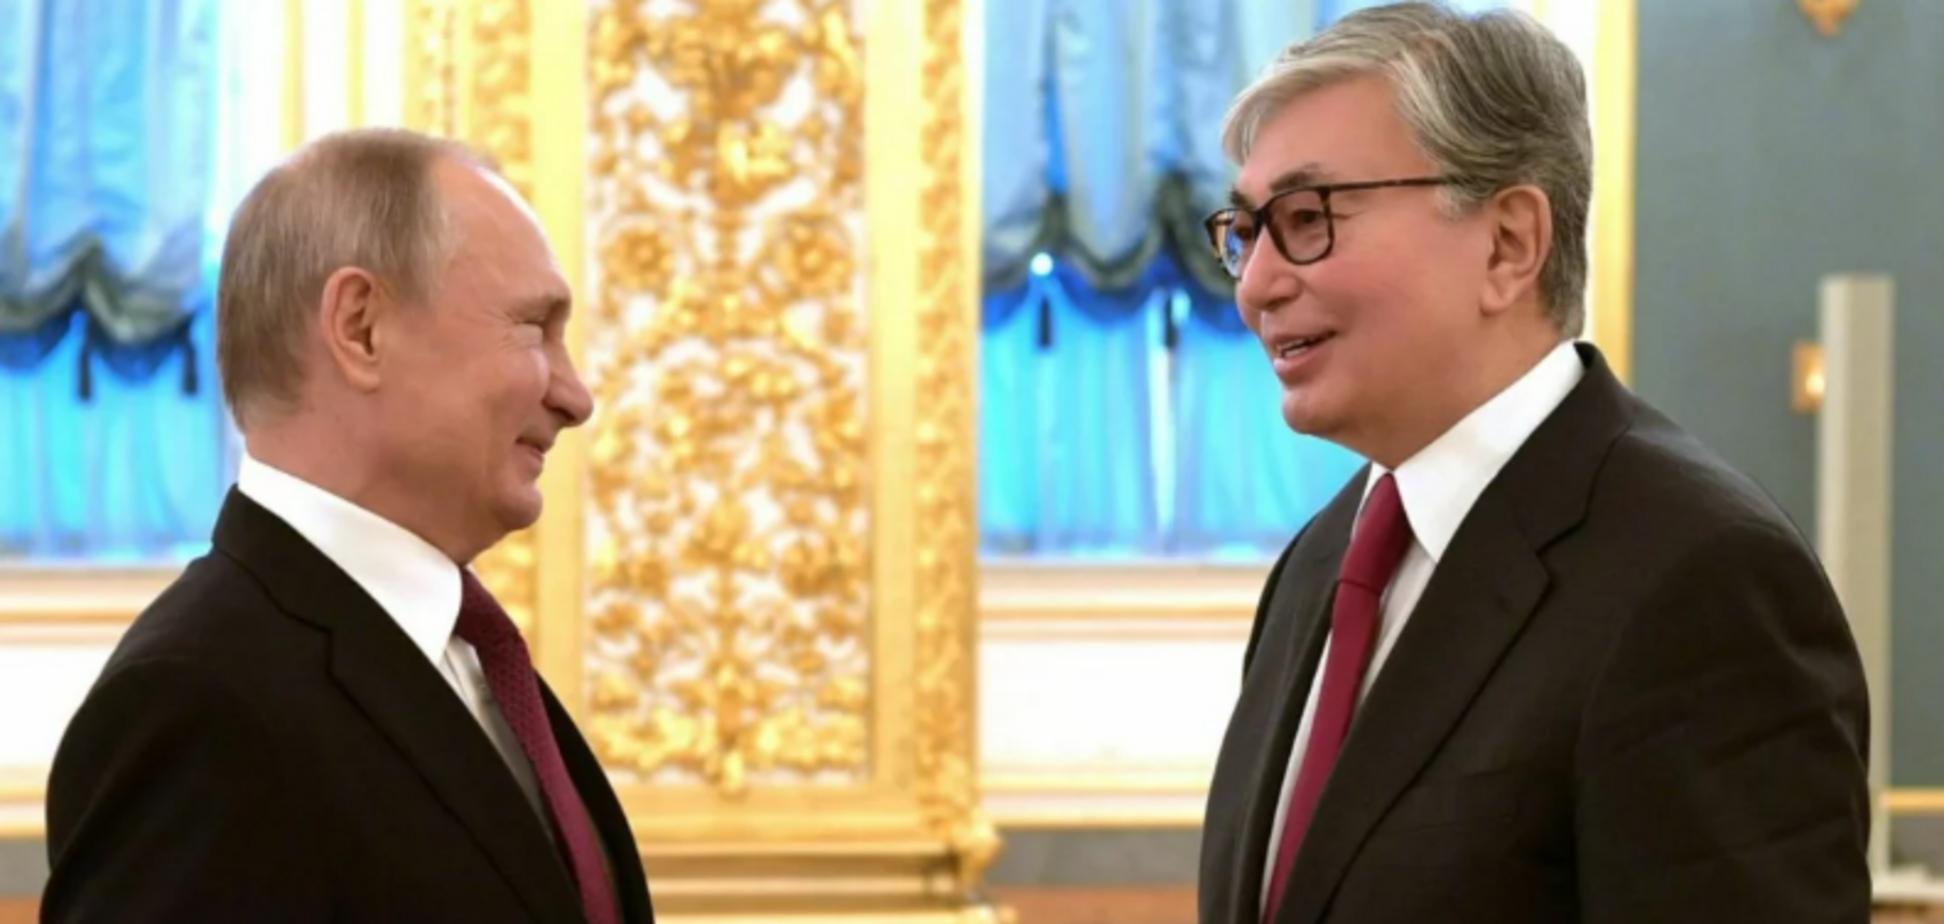 Президент Казахстана попался на неумелом фотошопе: СМИ в восторге